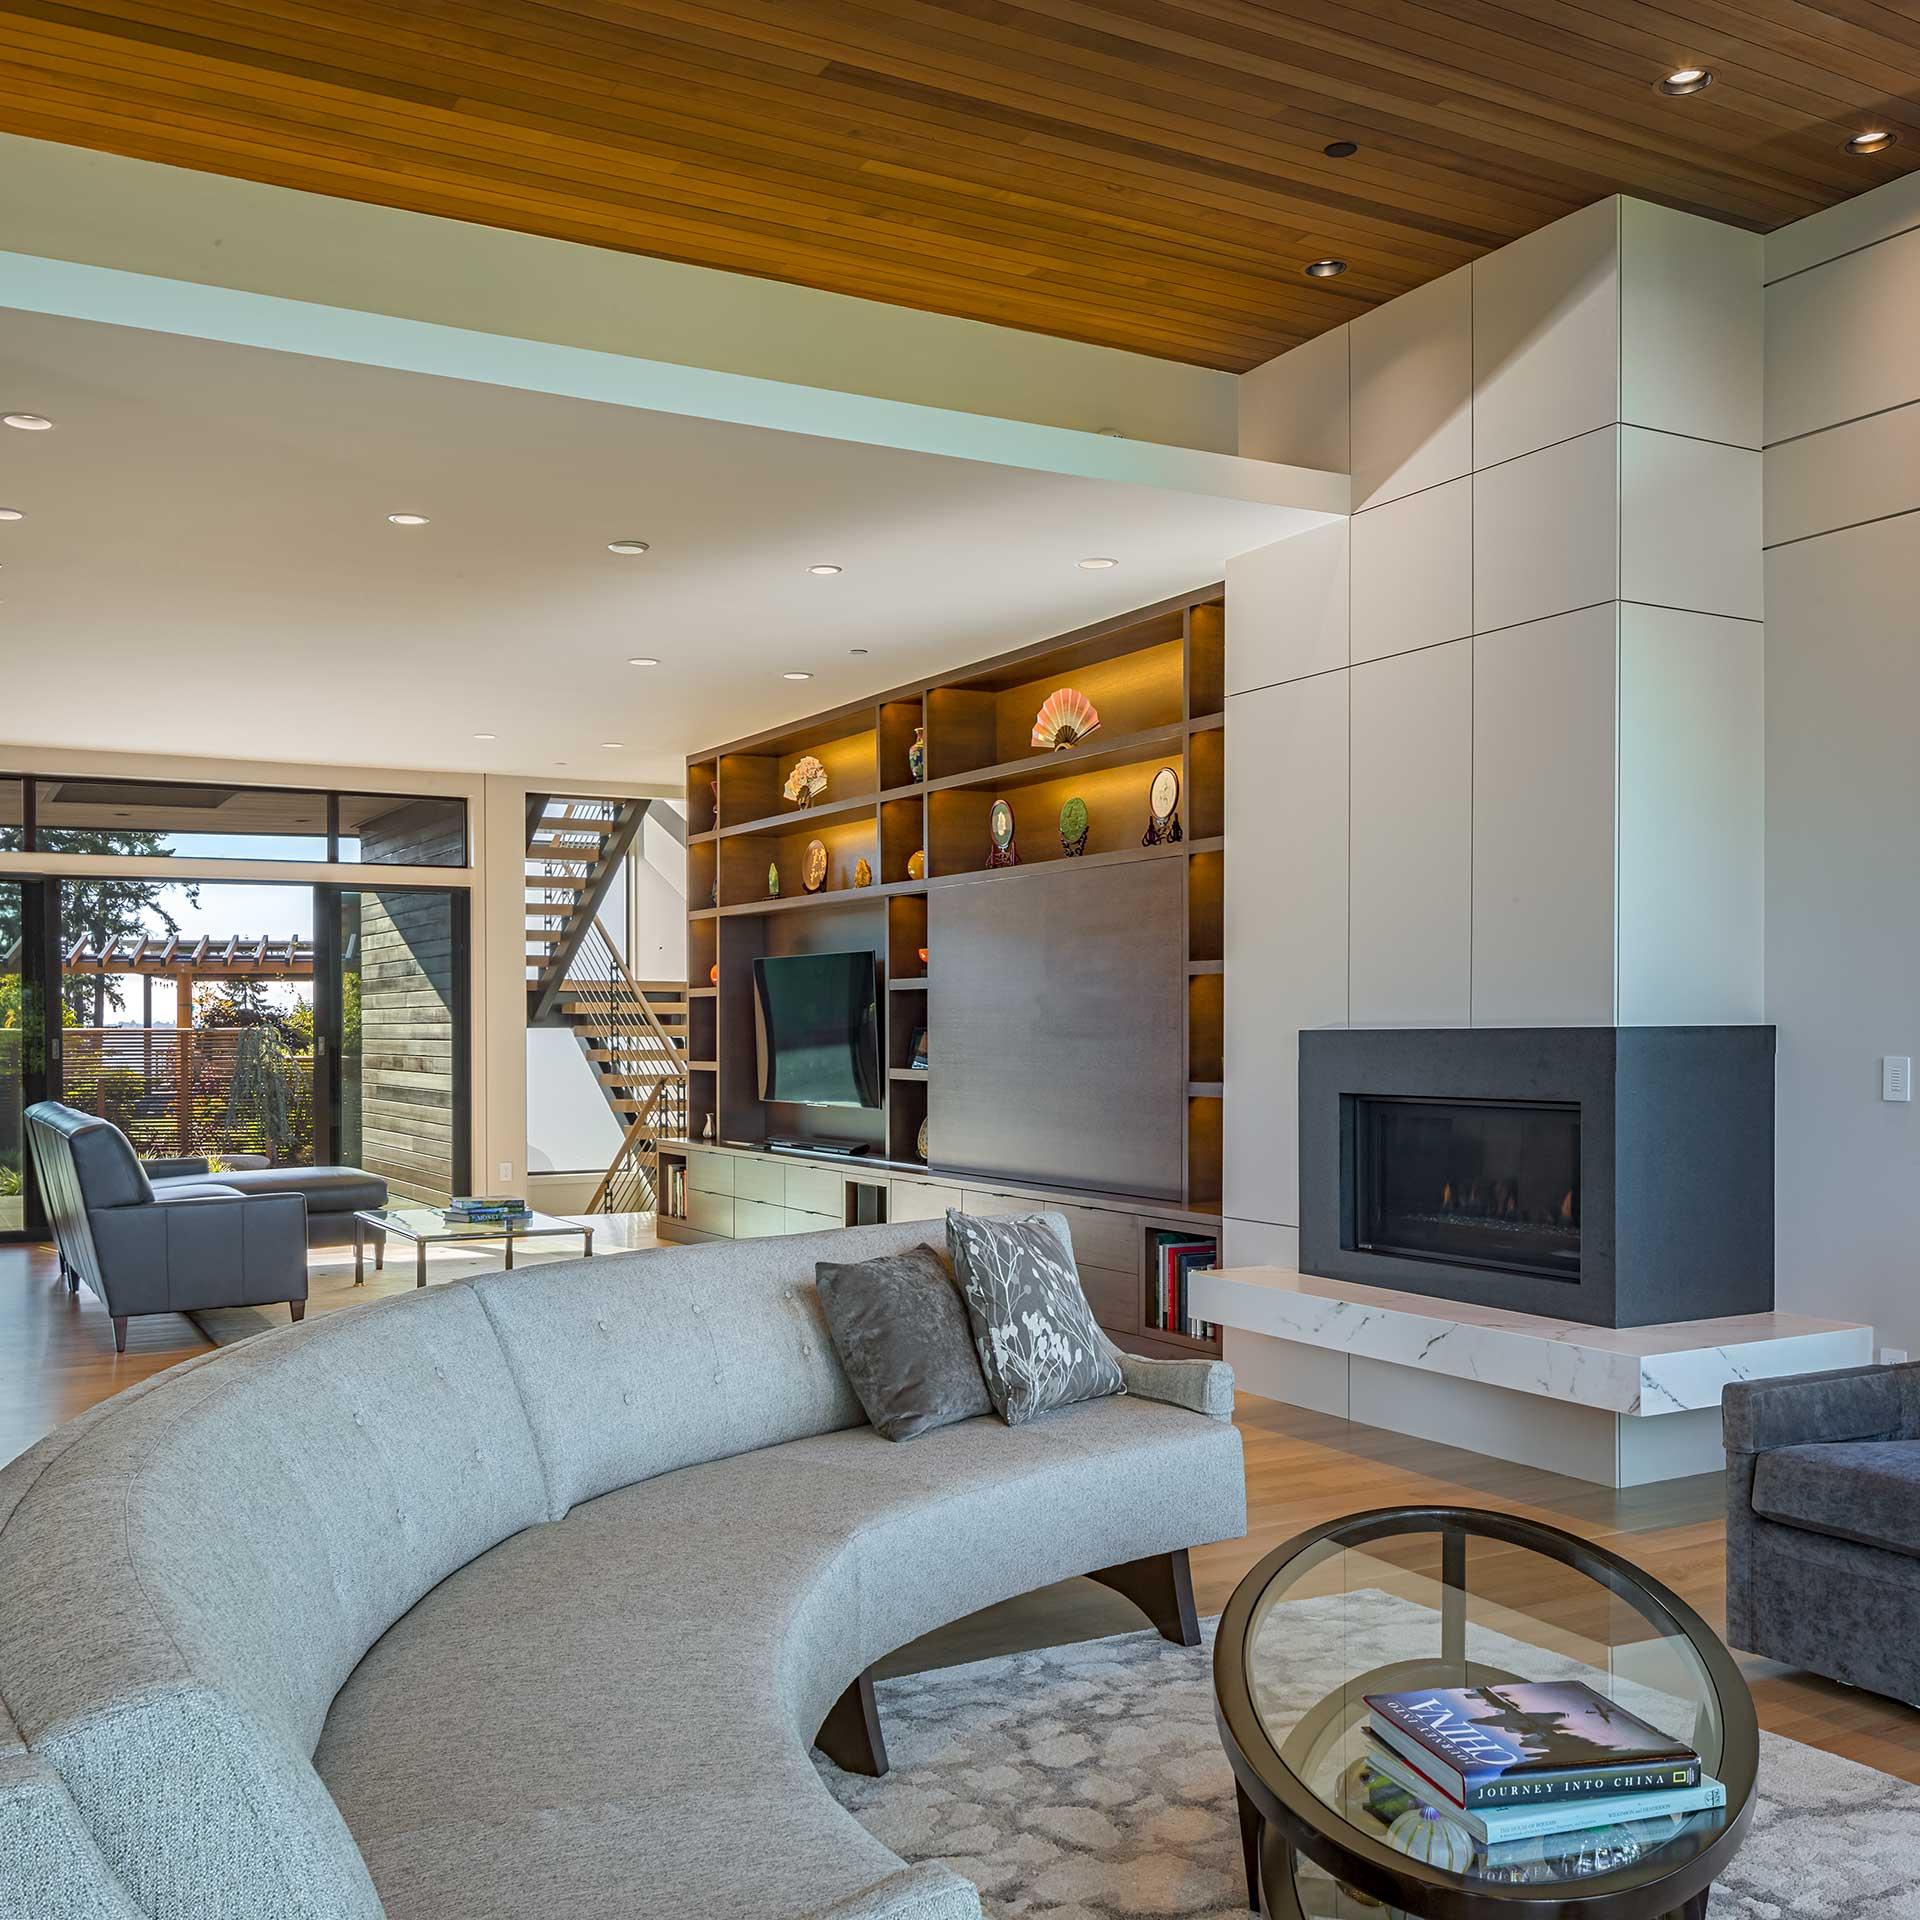 Design Guild Homes Bellevue Hilltop custom built